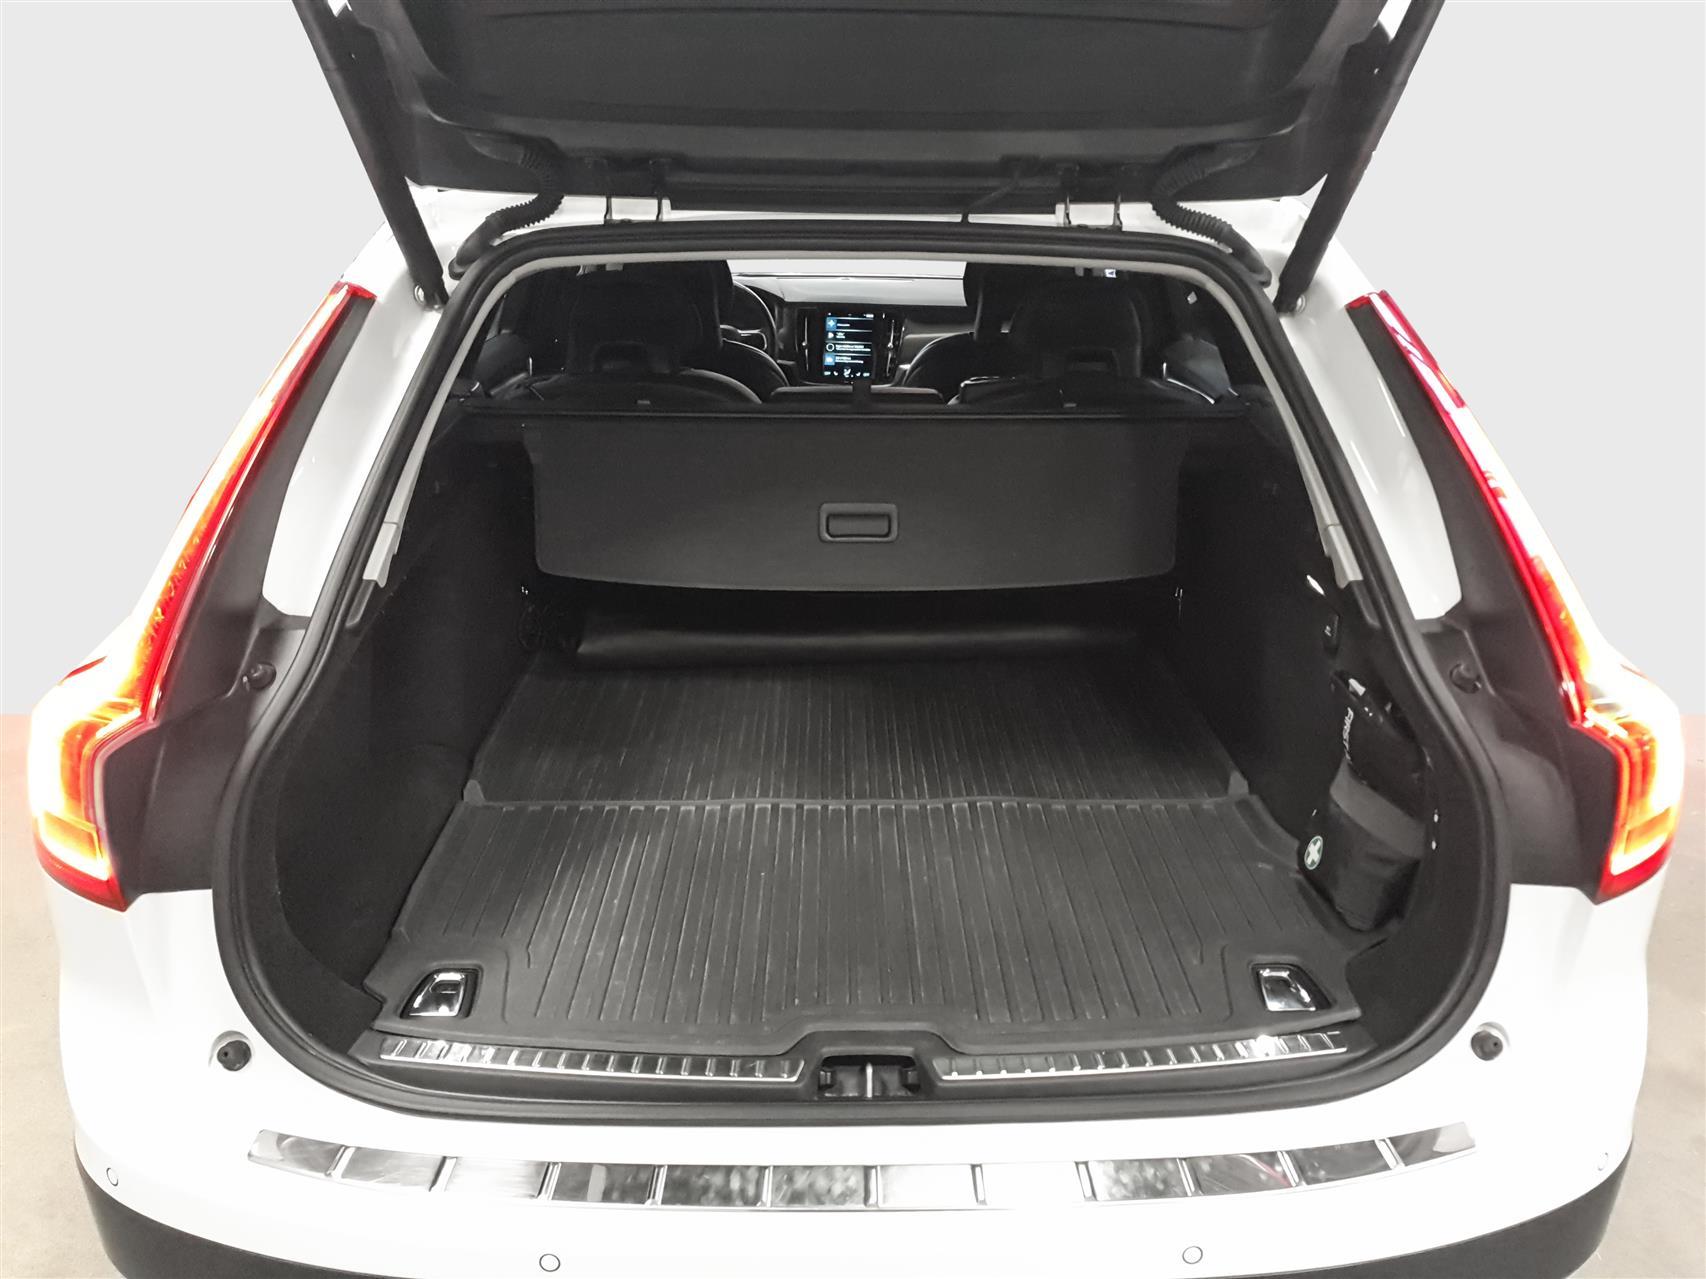 2,0 T5 Pro AWD 254HK Stc 8g Aut. image13